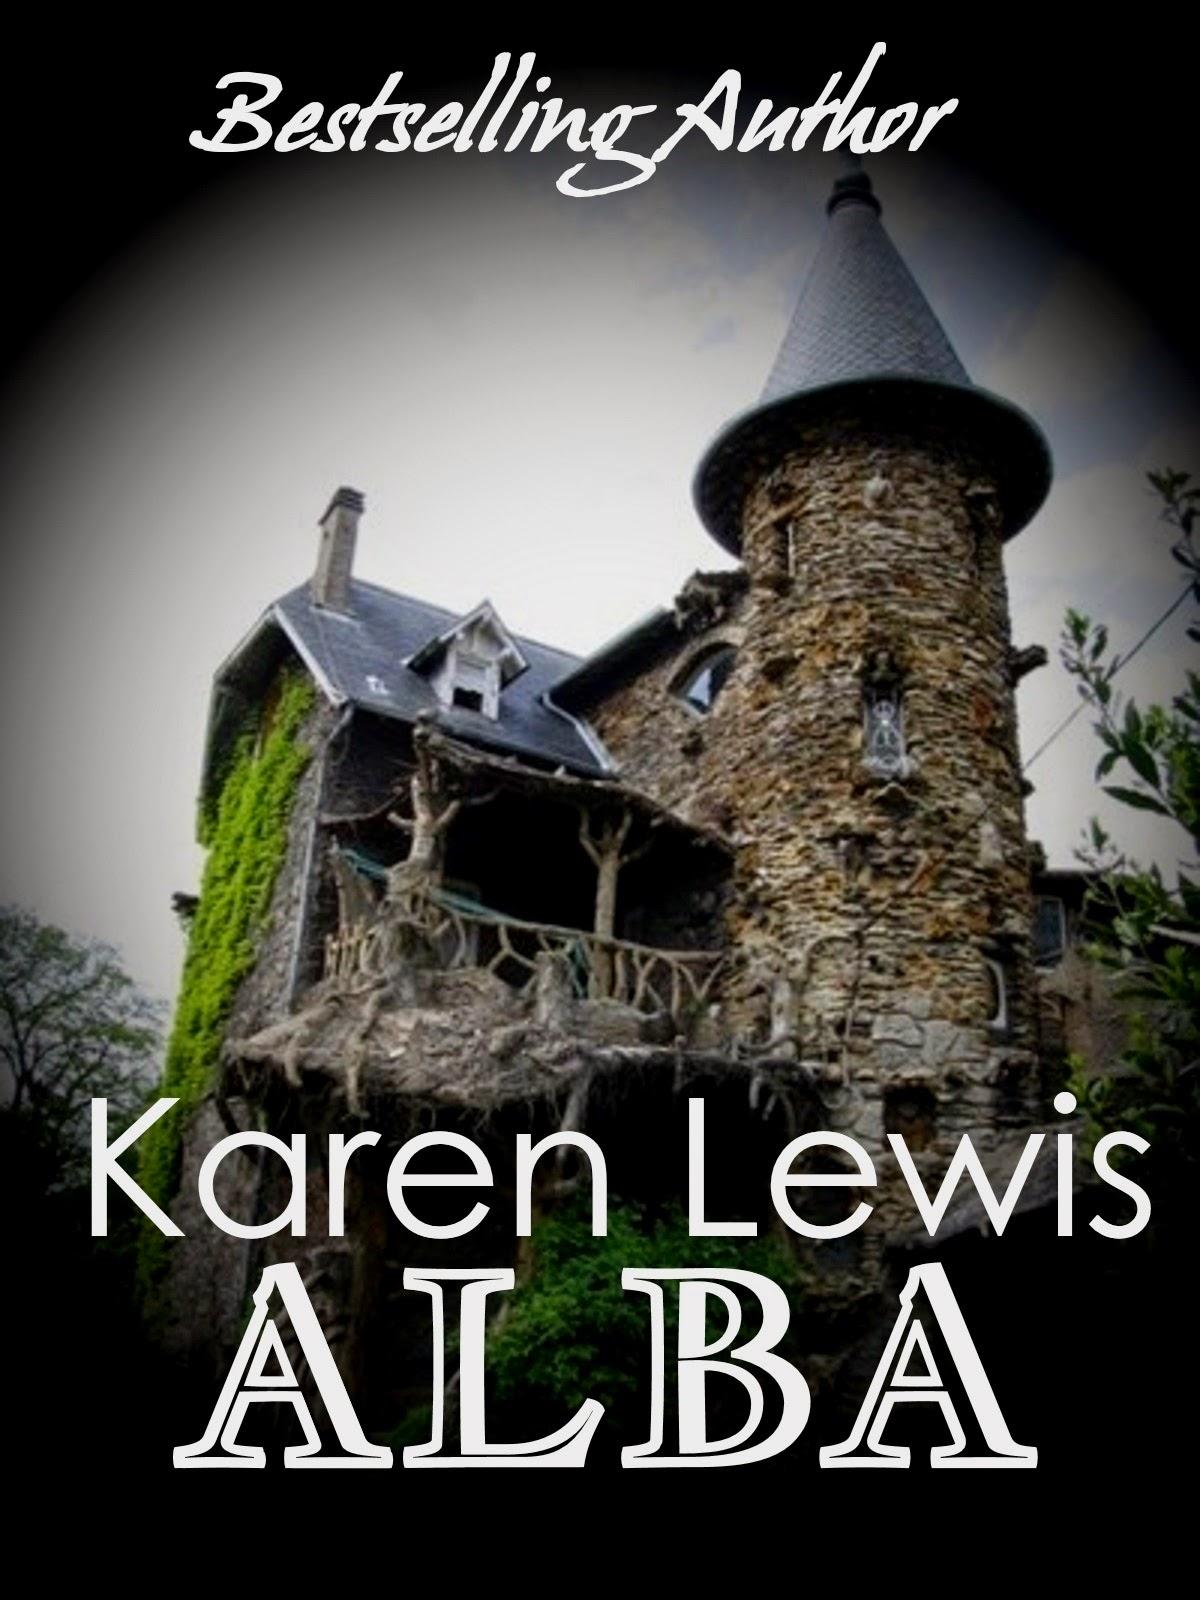 http://www.amazon.co.uk/Alba-Karen-Lewis-ebook/dp/B00OPMCCAK/ref=sr_1_3?s=books&ie=UTF8&qid=1413909625&sr=1-3&keywords=alba%2C+lewis